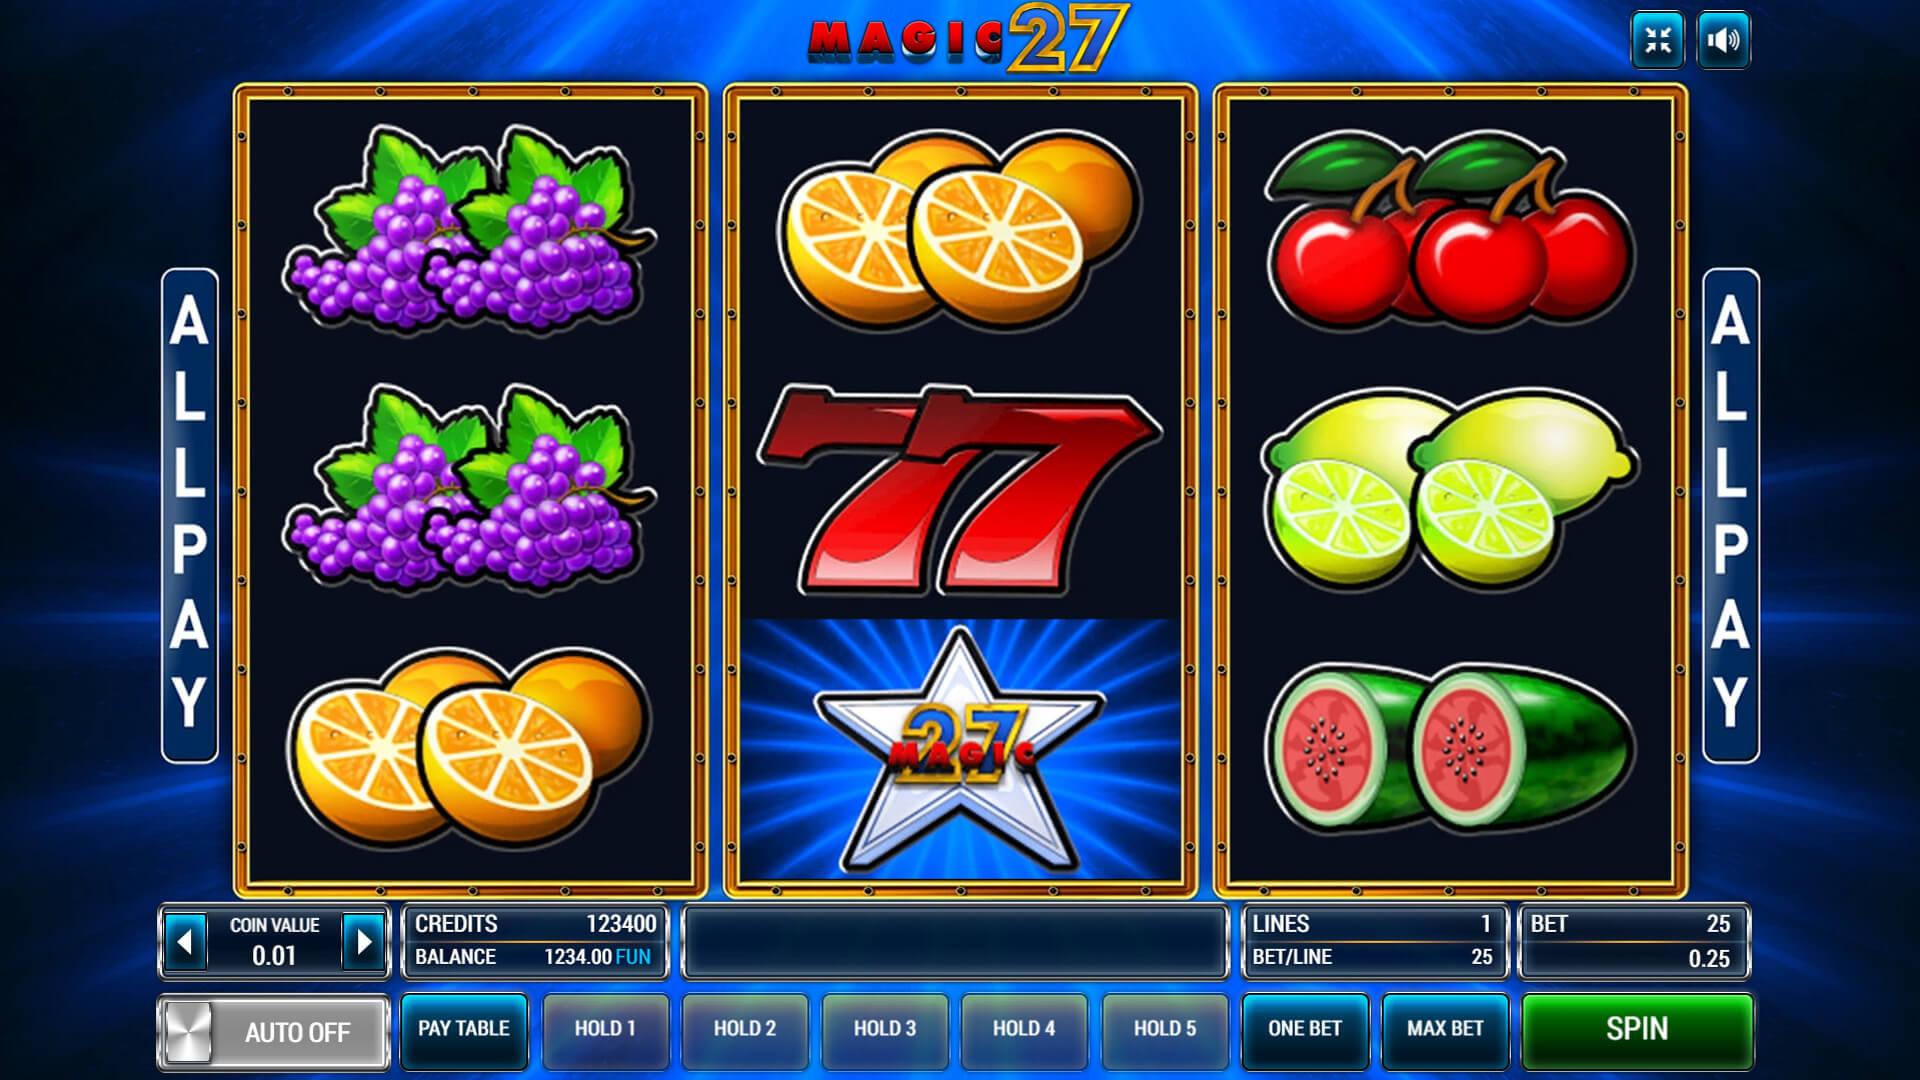 Изображение игрового автомата Magic 27 1